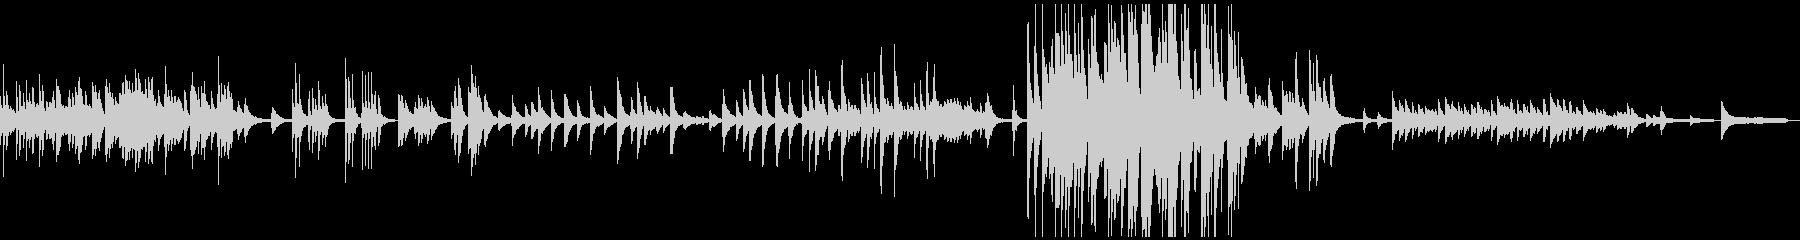 3:25/しんみりと暖かく優しいピアノ曲の未再生の波形